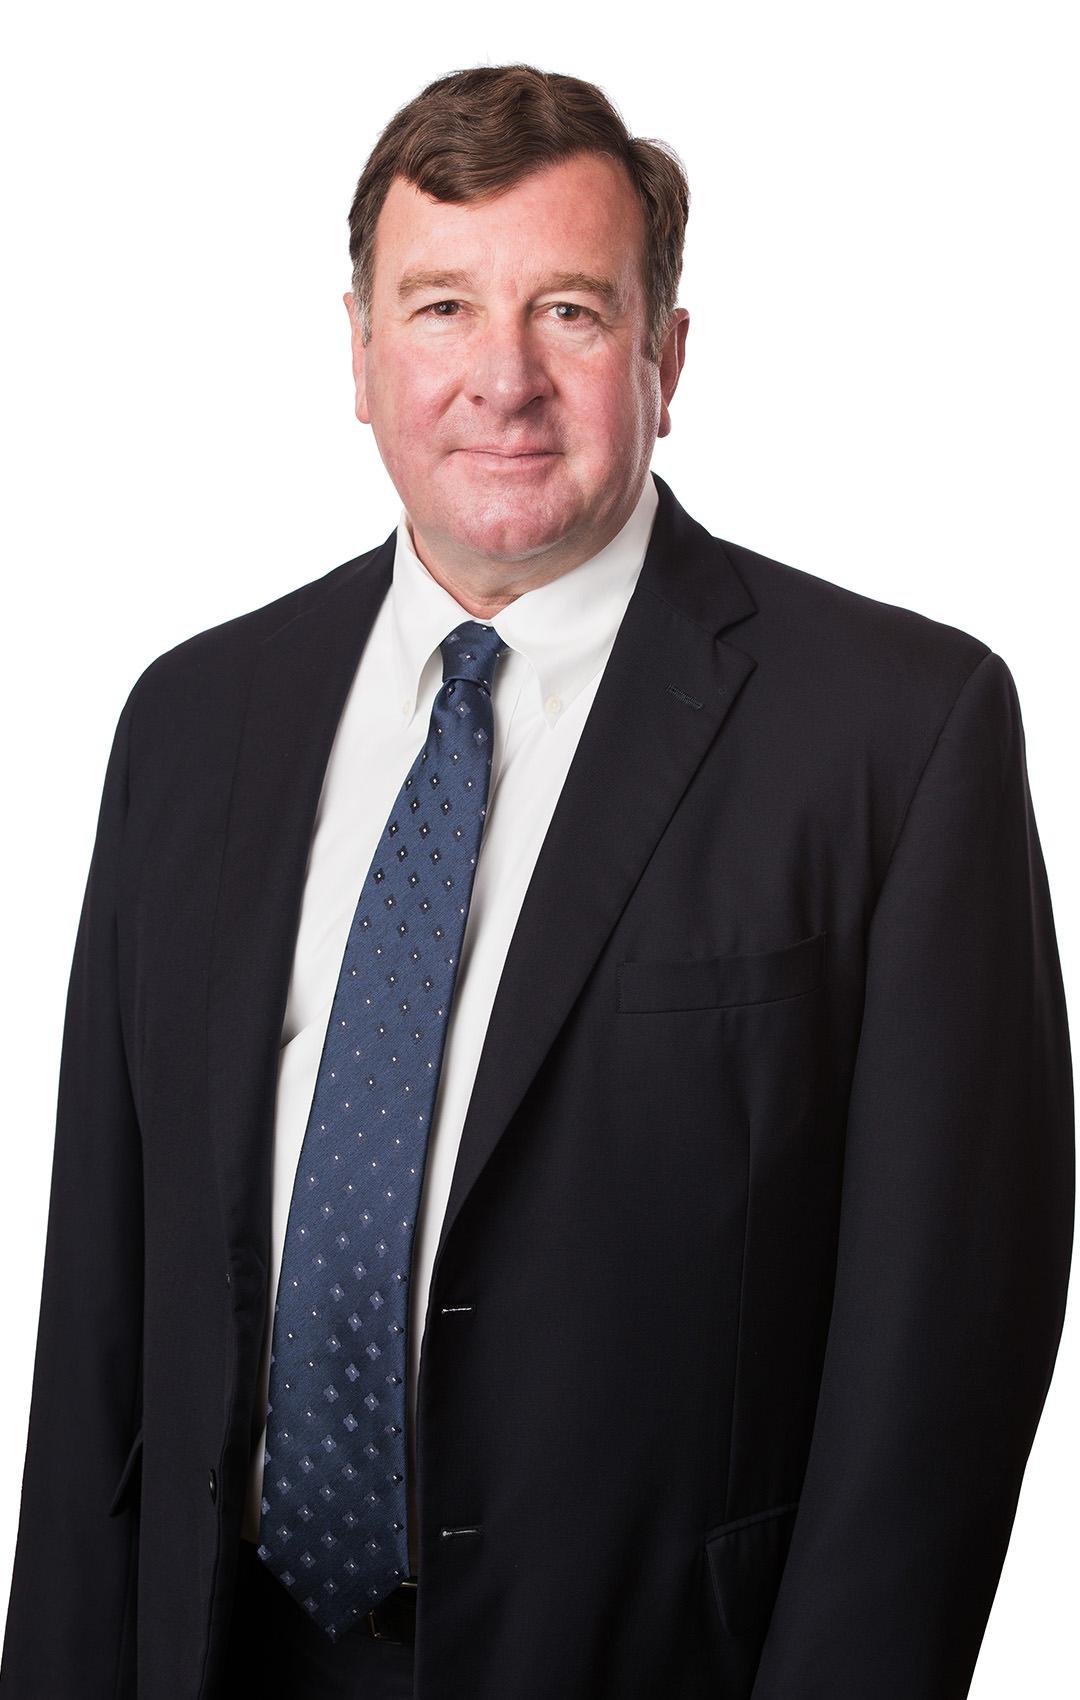 David E. Dukes